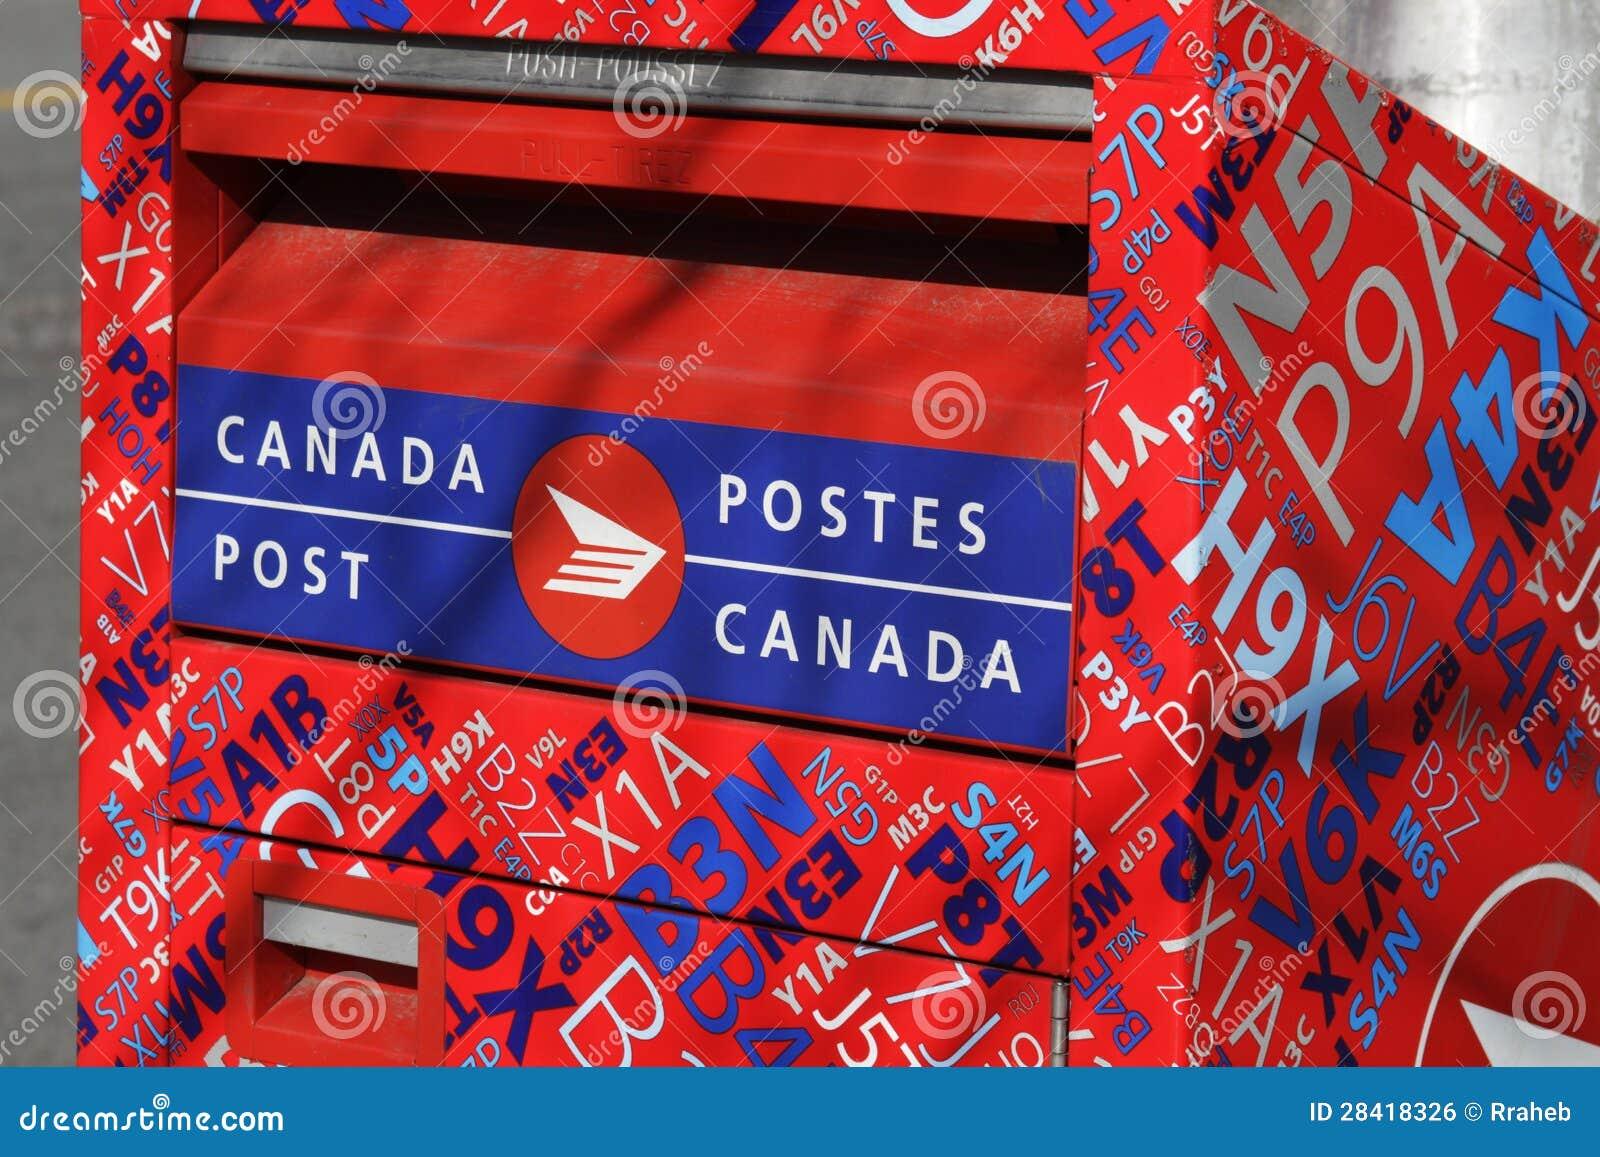 Canada Post - Drop Location